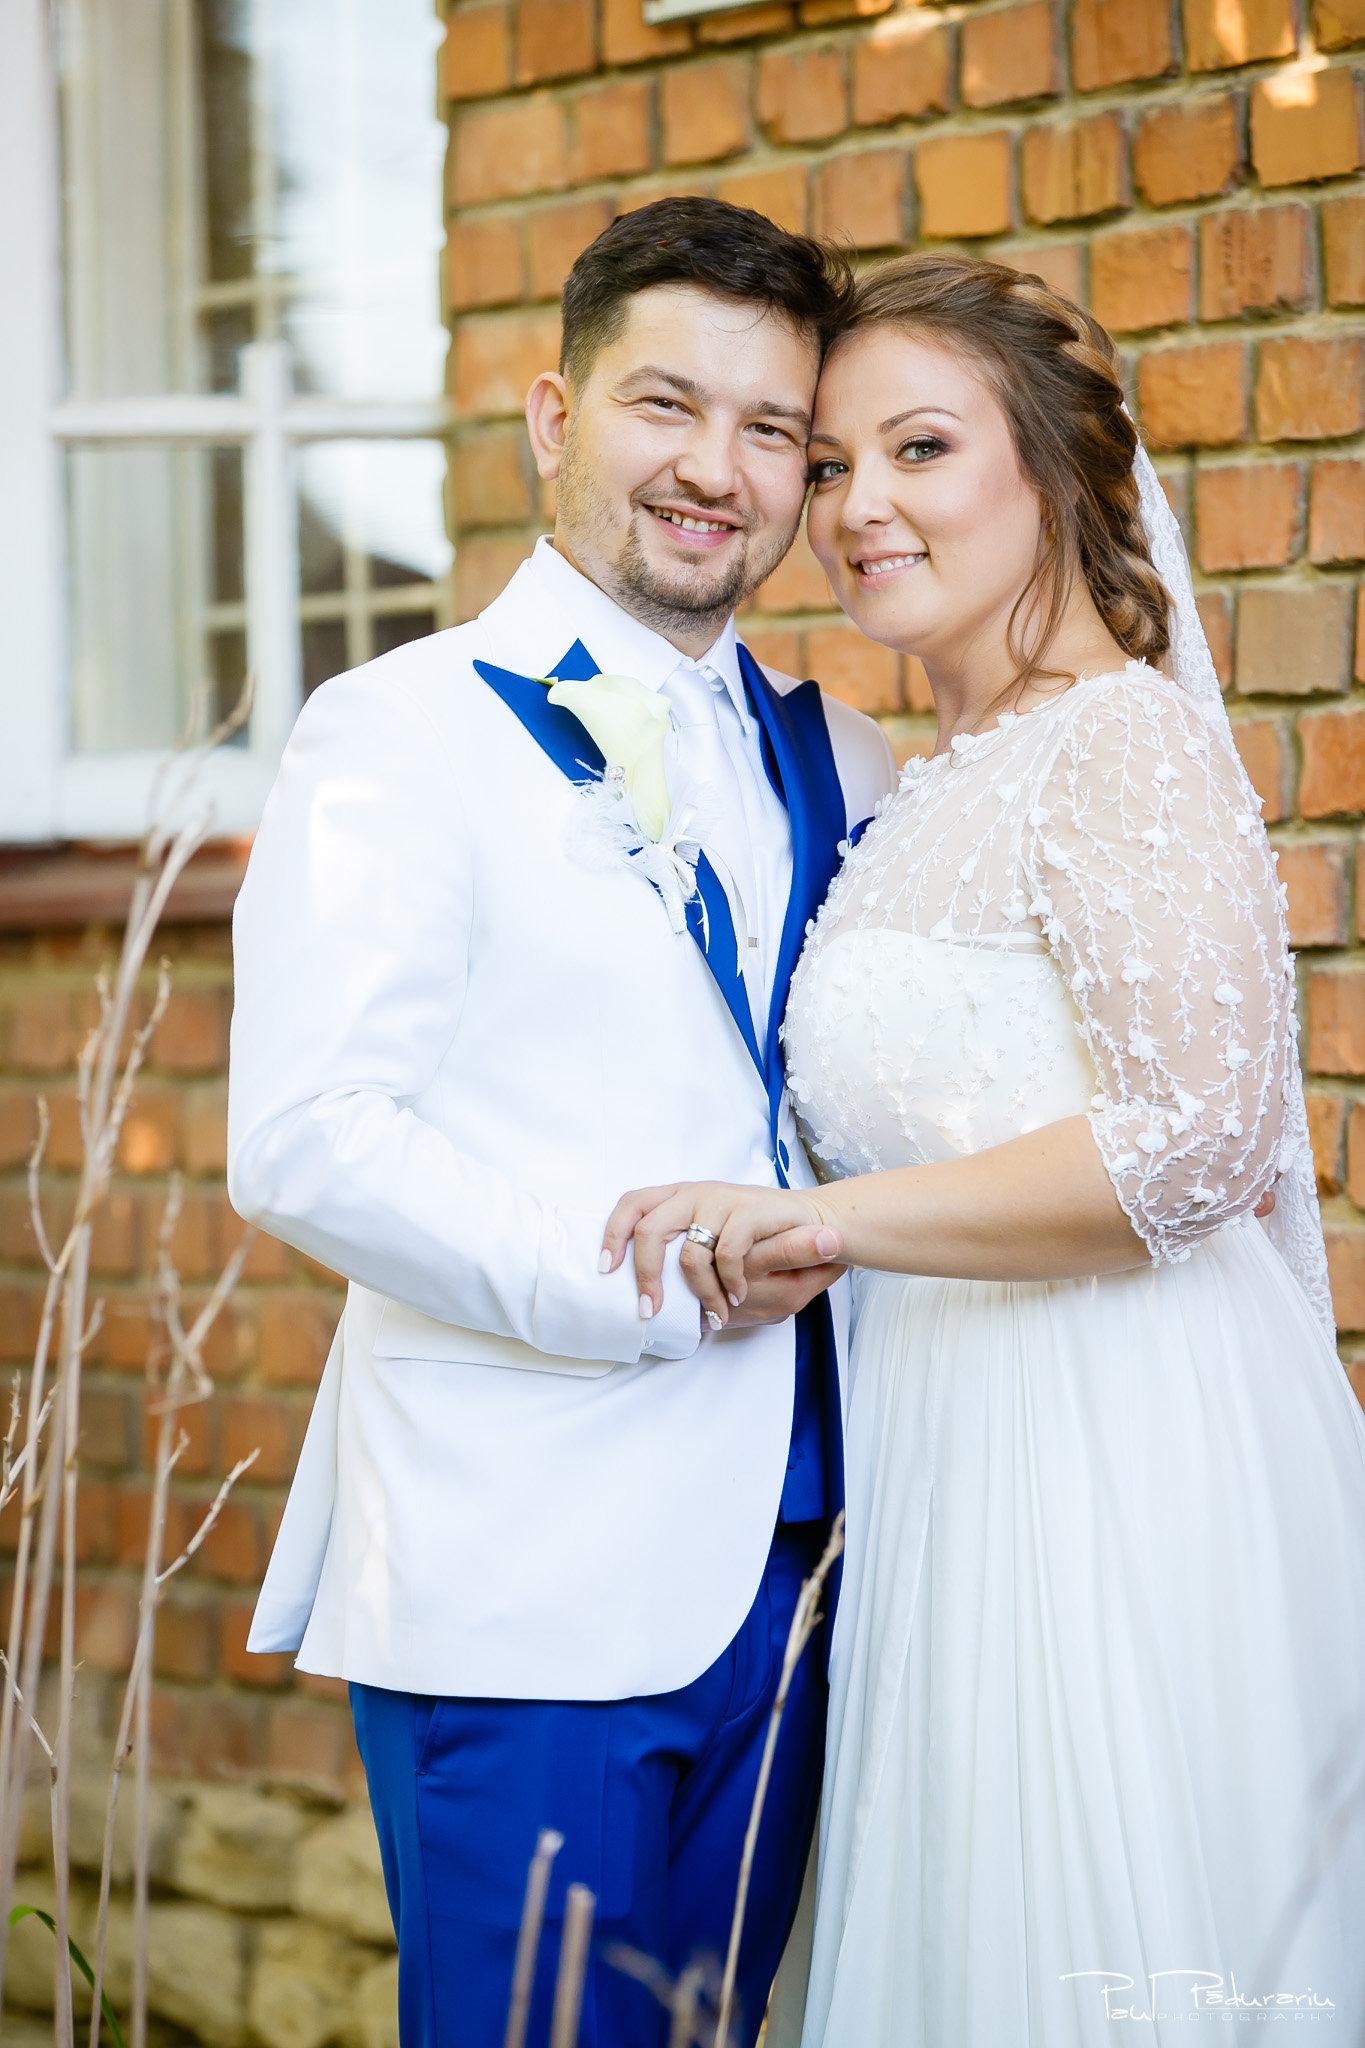 Sedinta foto nunta Ema si Tudor fotograf profesionist de nunta iasi www.paulpadurariu.ro © 2017 Paul Padurariu potret mire mireasa